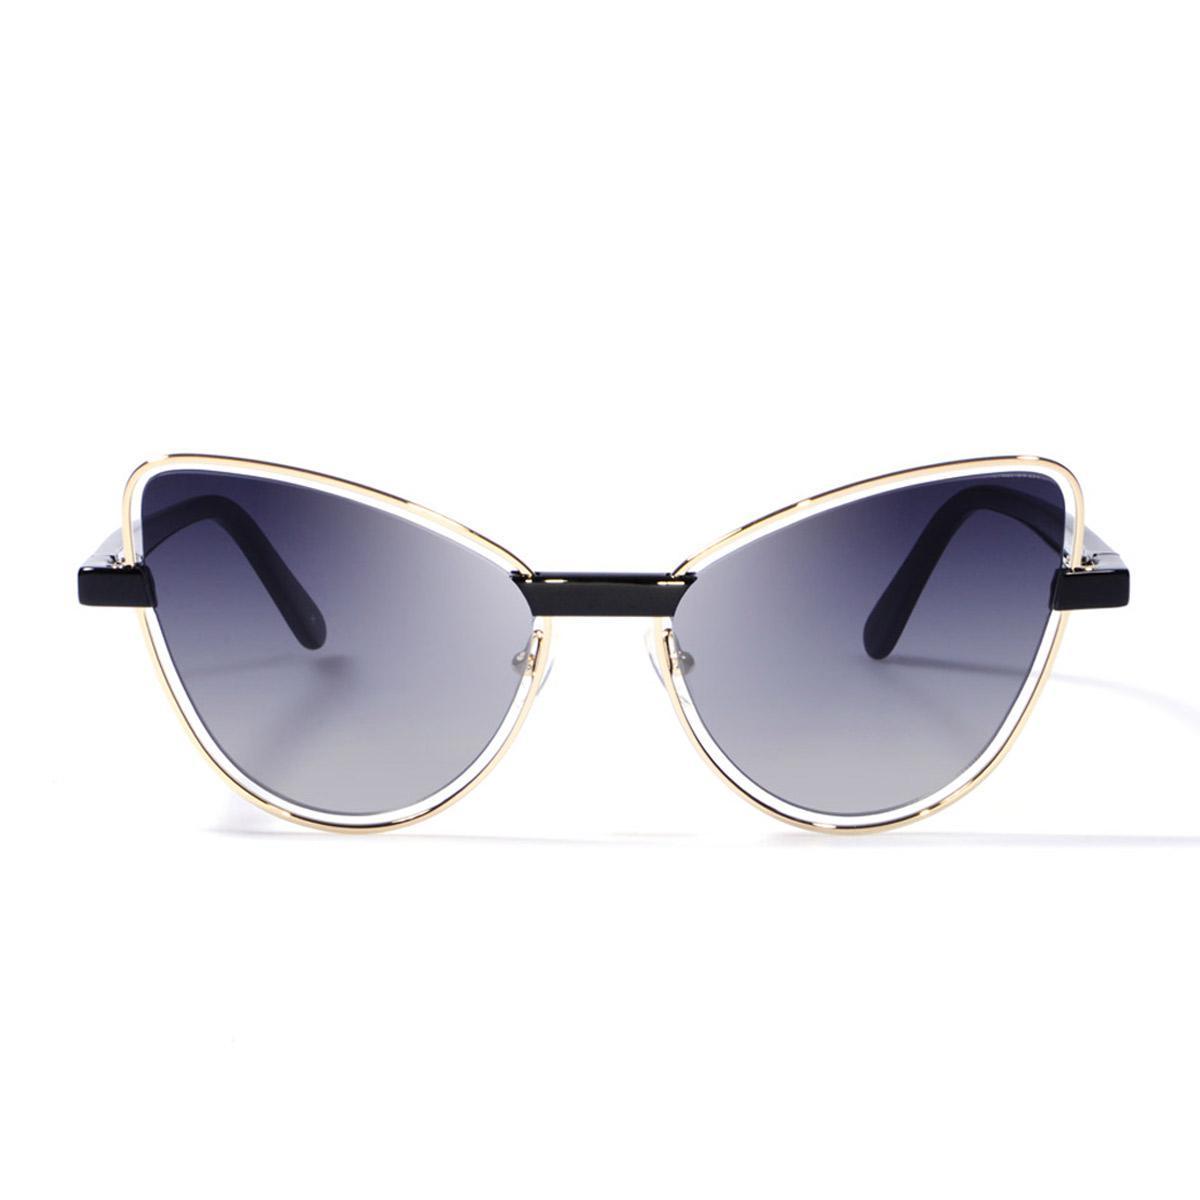 Occhiale Sole Jplus Mod.Plume1 JP3054-01 size 55/20